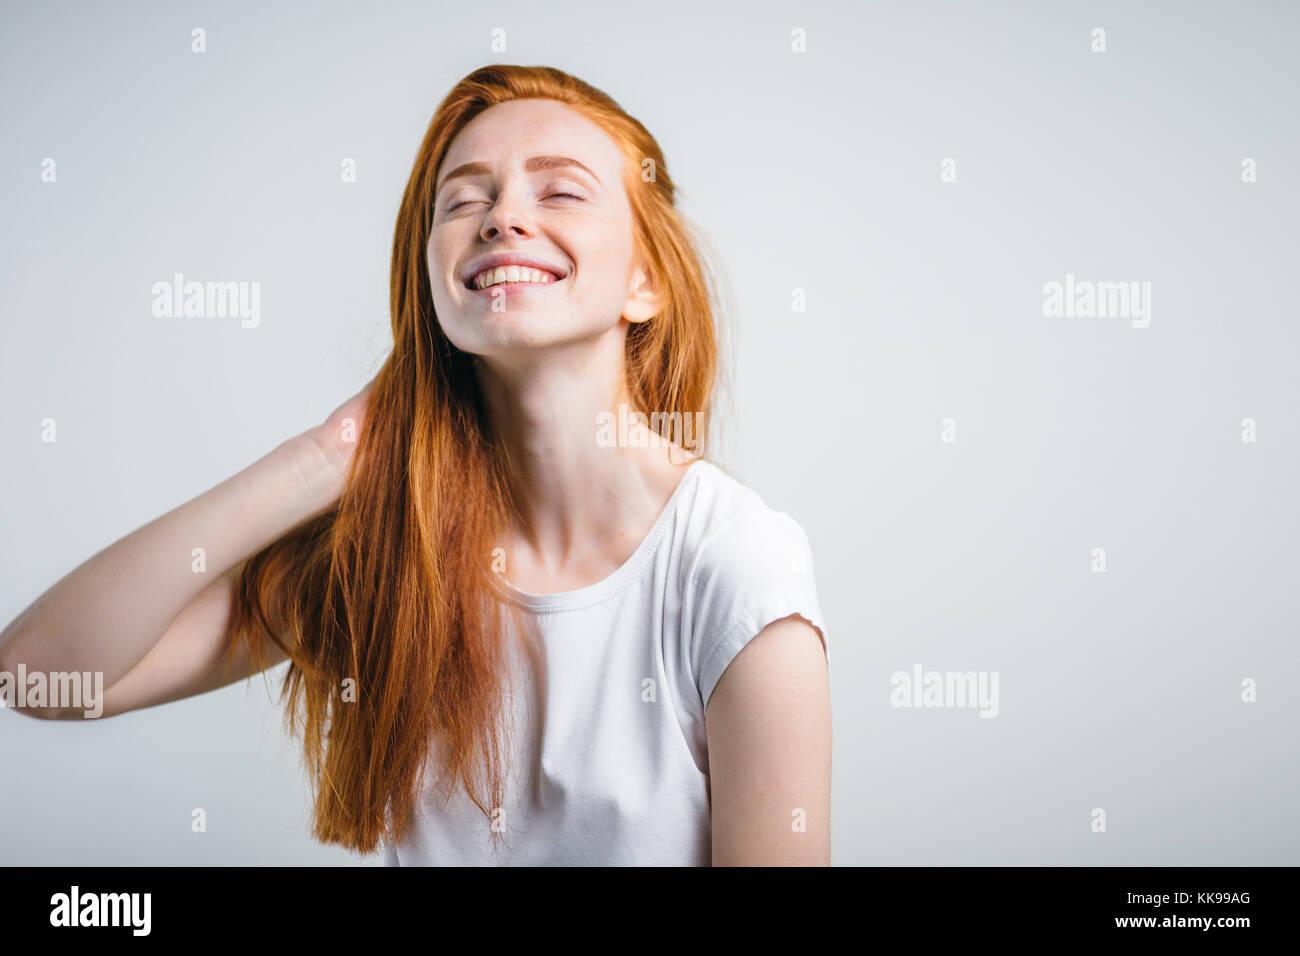 Chica con pecas sonriendo con los ojos cerrados tocando su pelo rojo Imagen De Stock